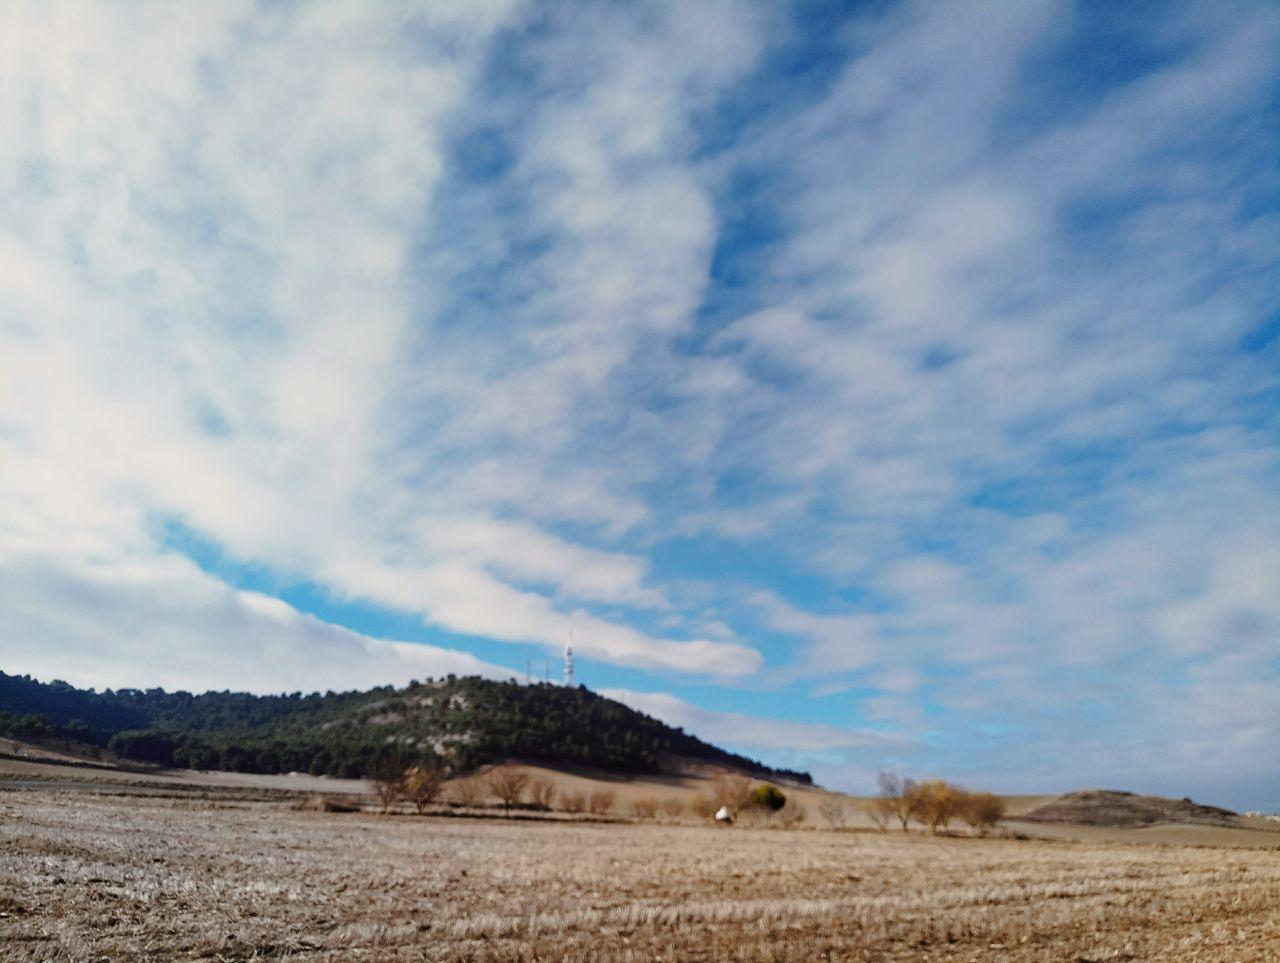 帕伦西亚 Palencia España🇪🇸 Dueñaz Montanas Pueblos De España 春晓 Cielo Azul